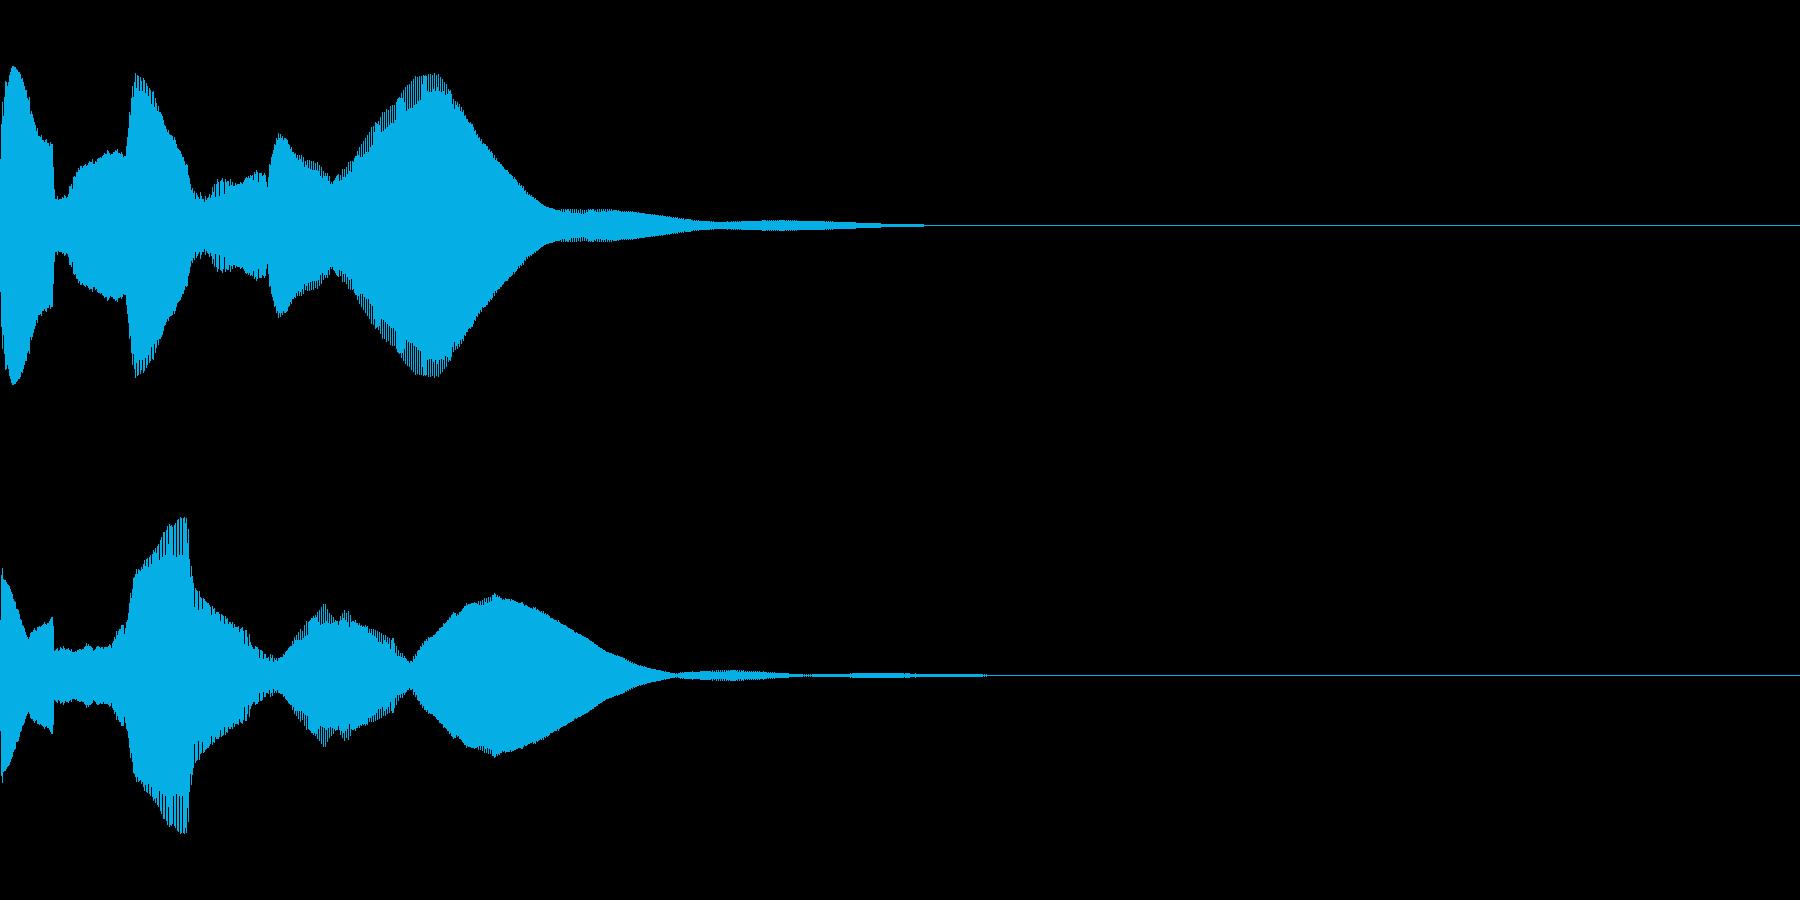 システム系ログオフ音の再生済みの波形